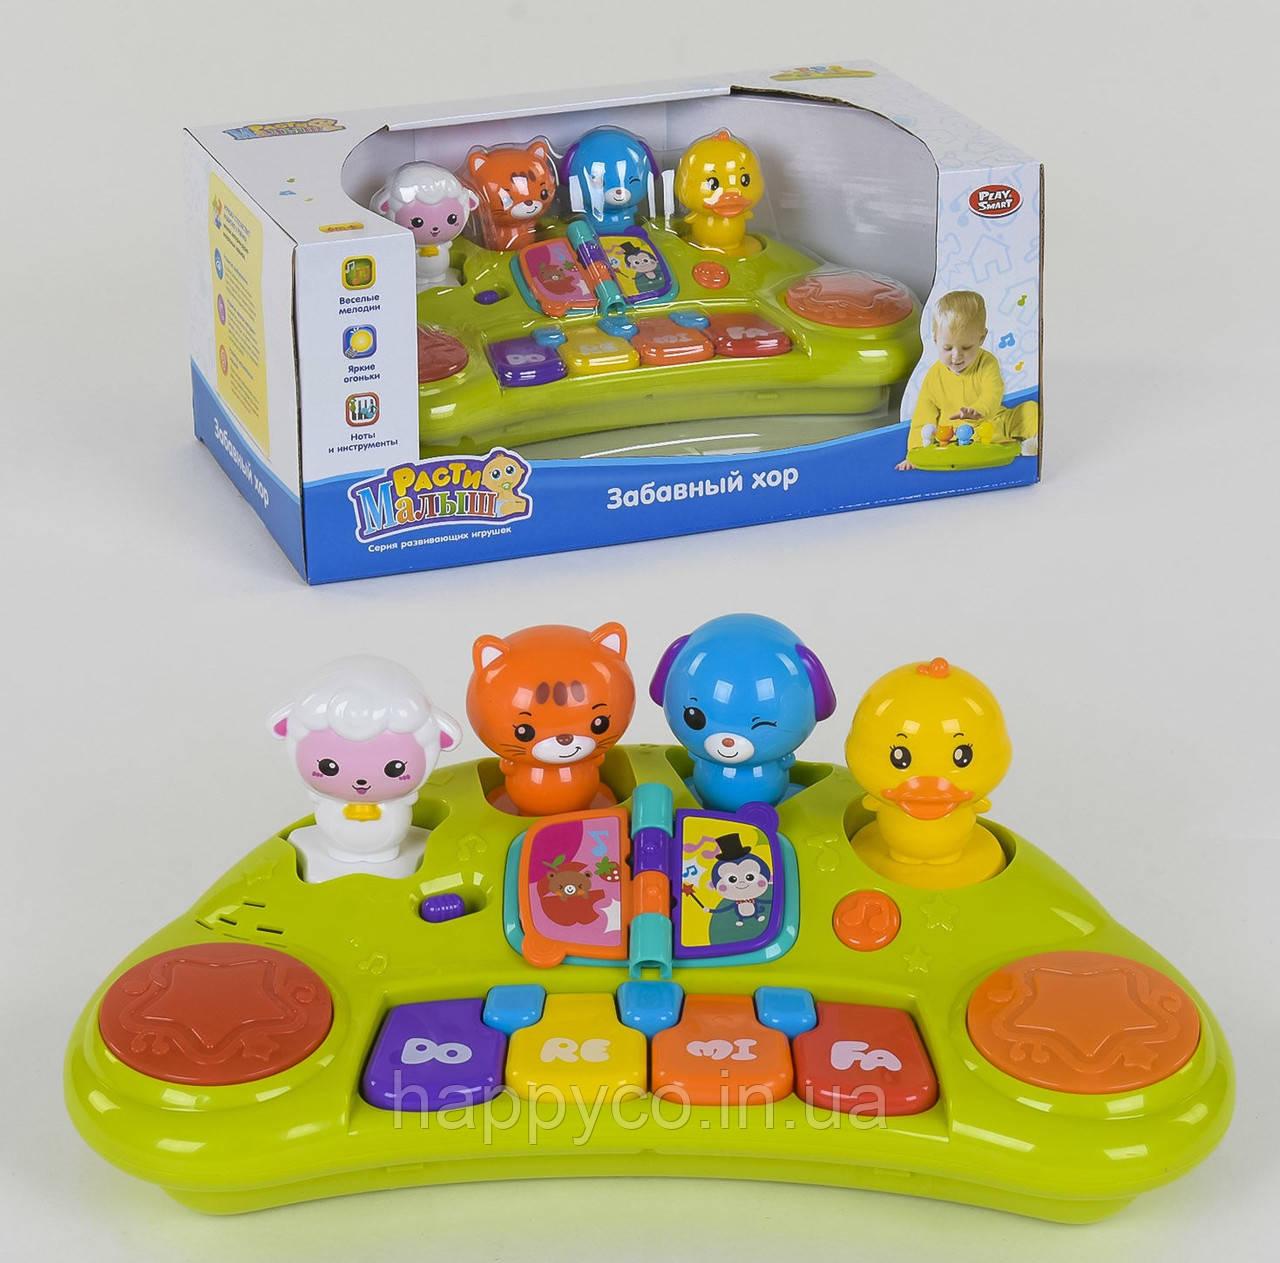 """Пианино """"Забавный хор"""" свет, звук, от  Play Smart, интерактивная детская игрушка"""